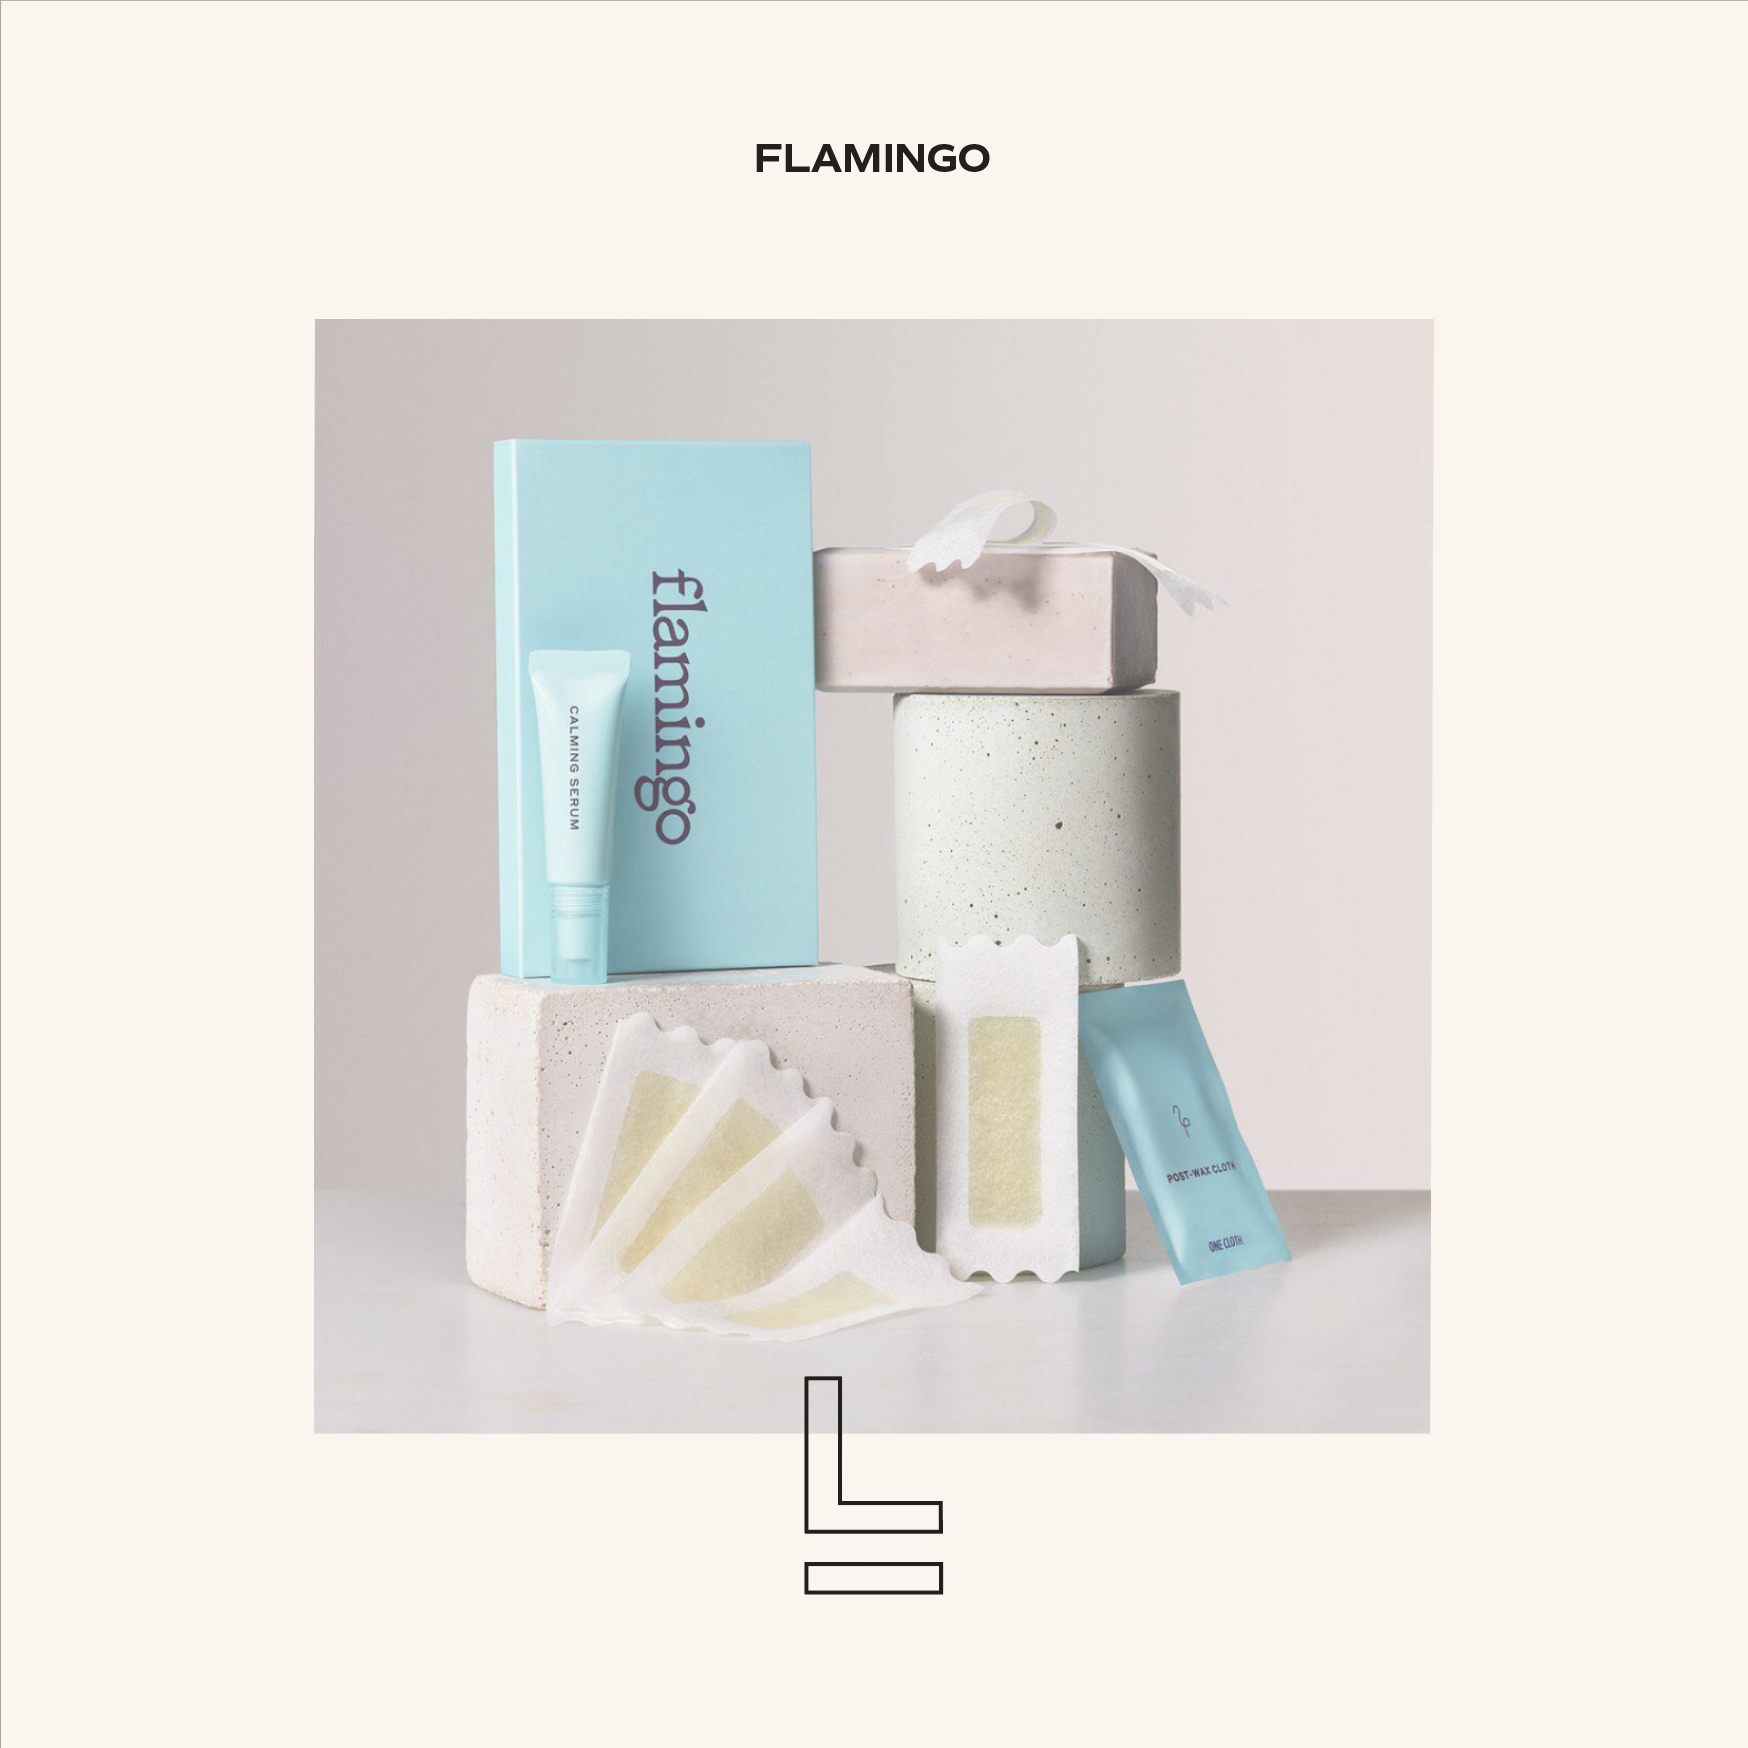 LEVITATE_Flamingo